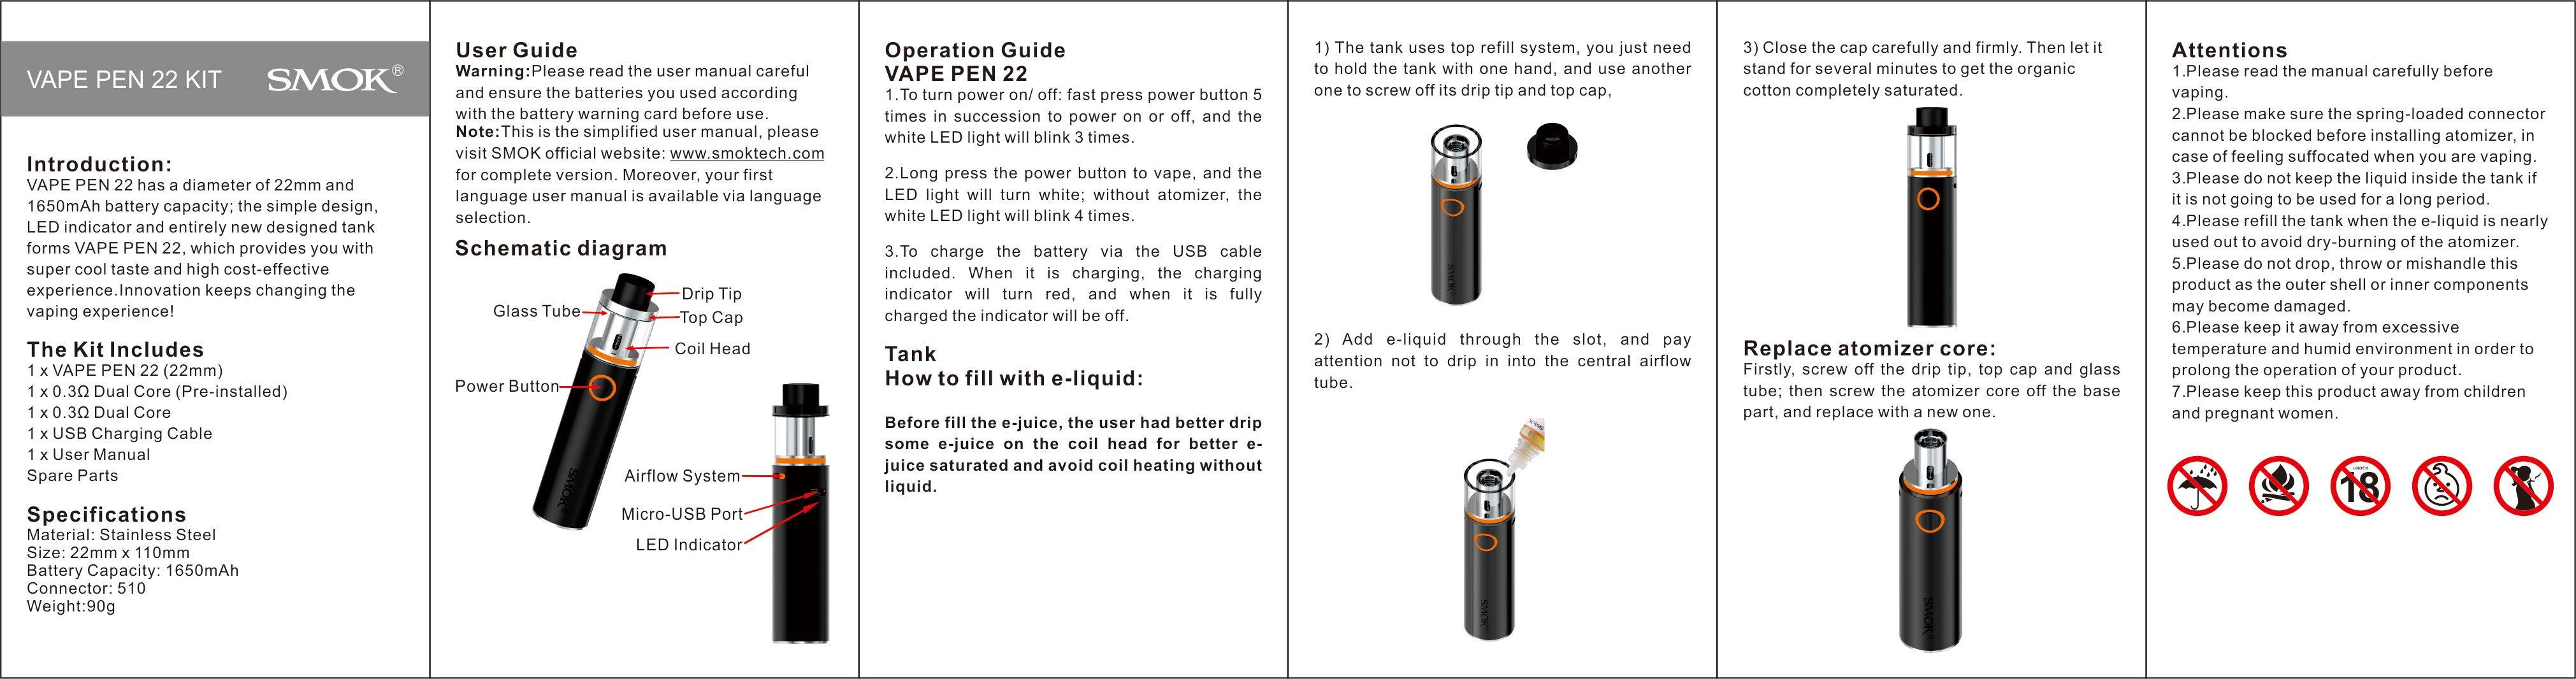 Manuali Sigarette Elettroniche | Svapo Store Sigarette